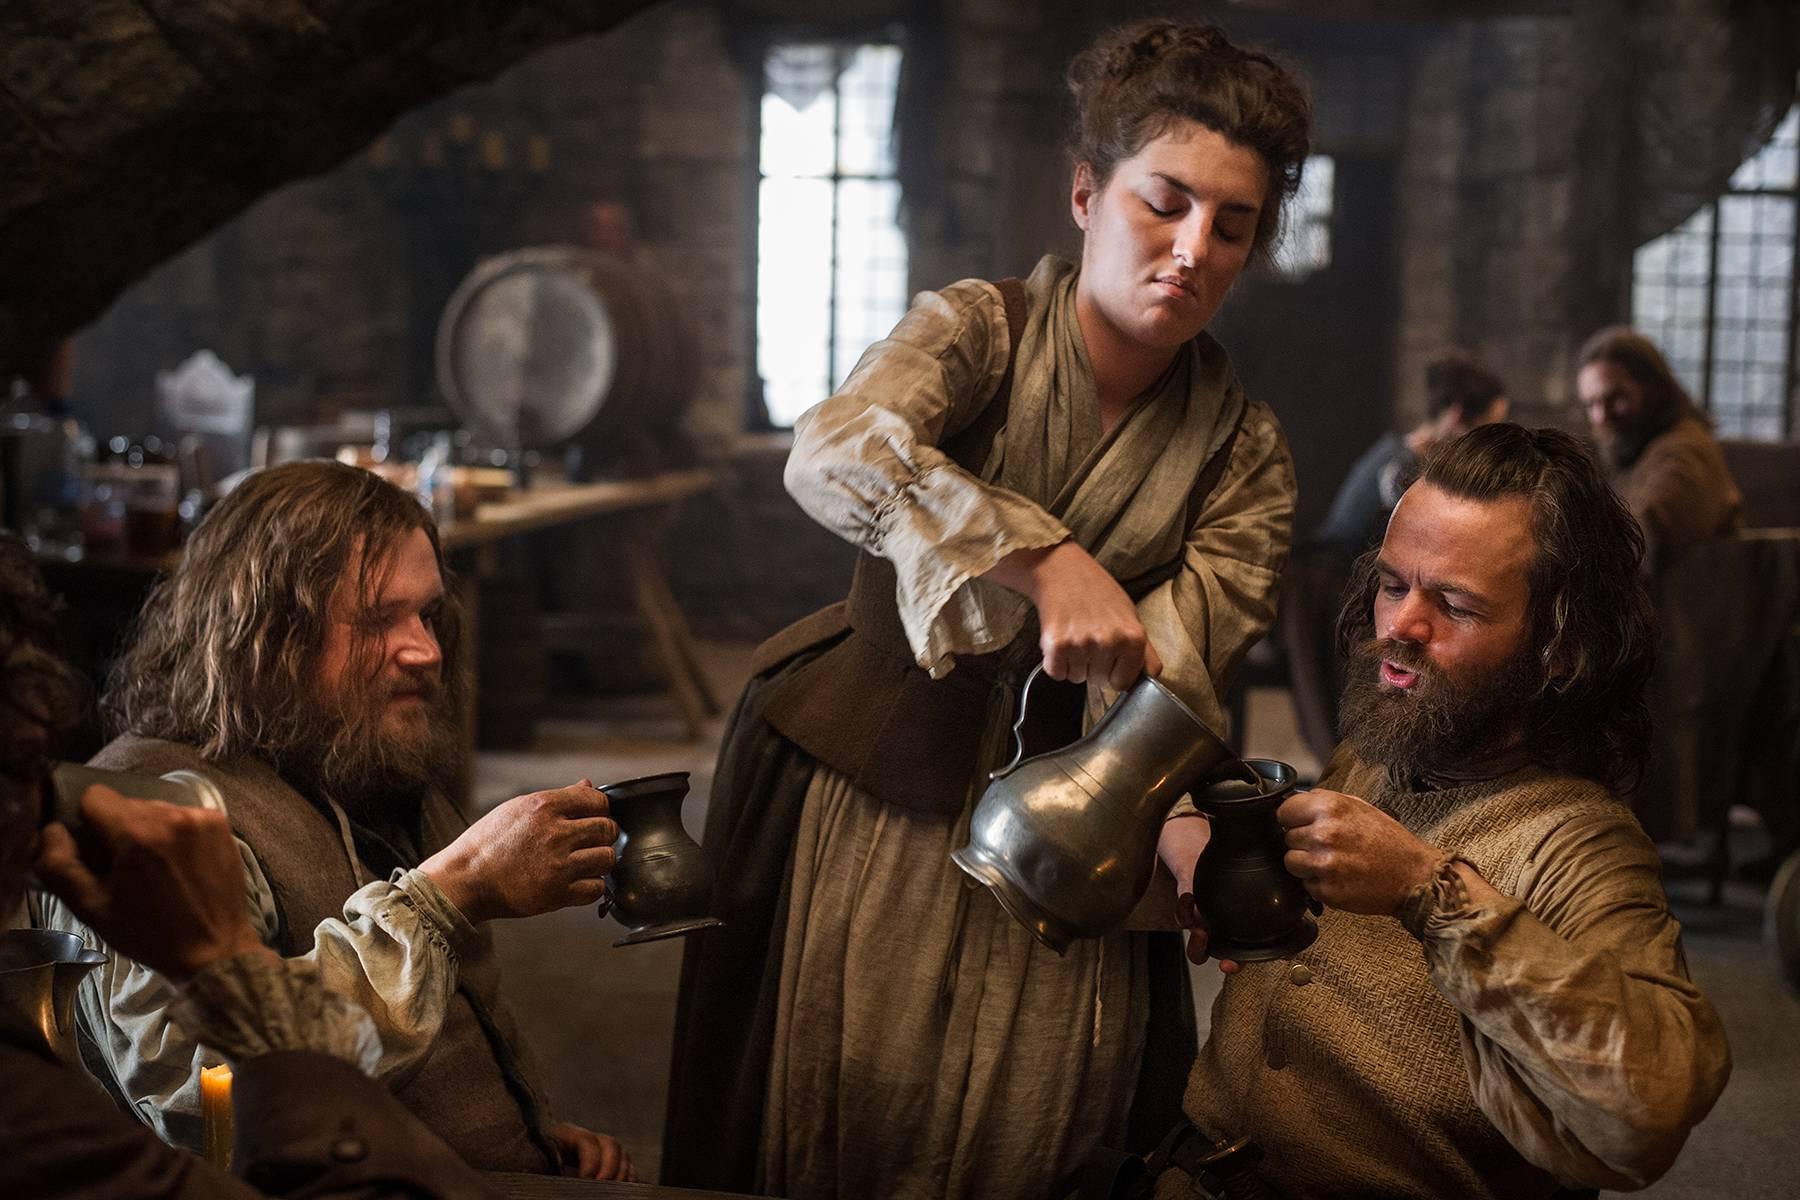 Outlander - Episode 1.15 - Wentworth Prison